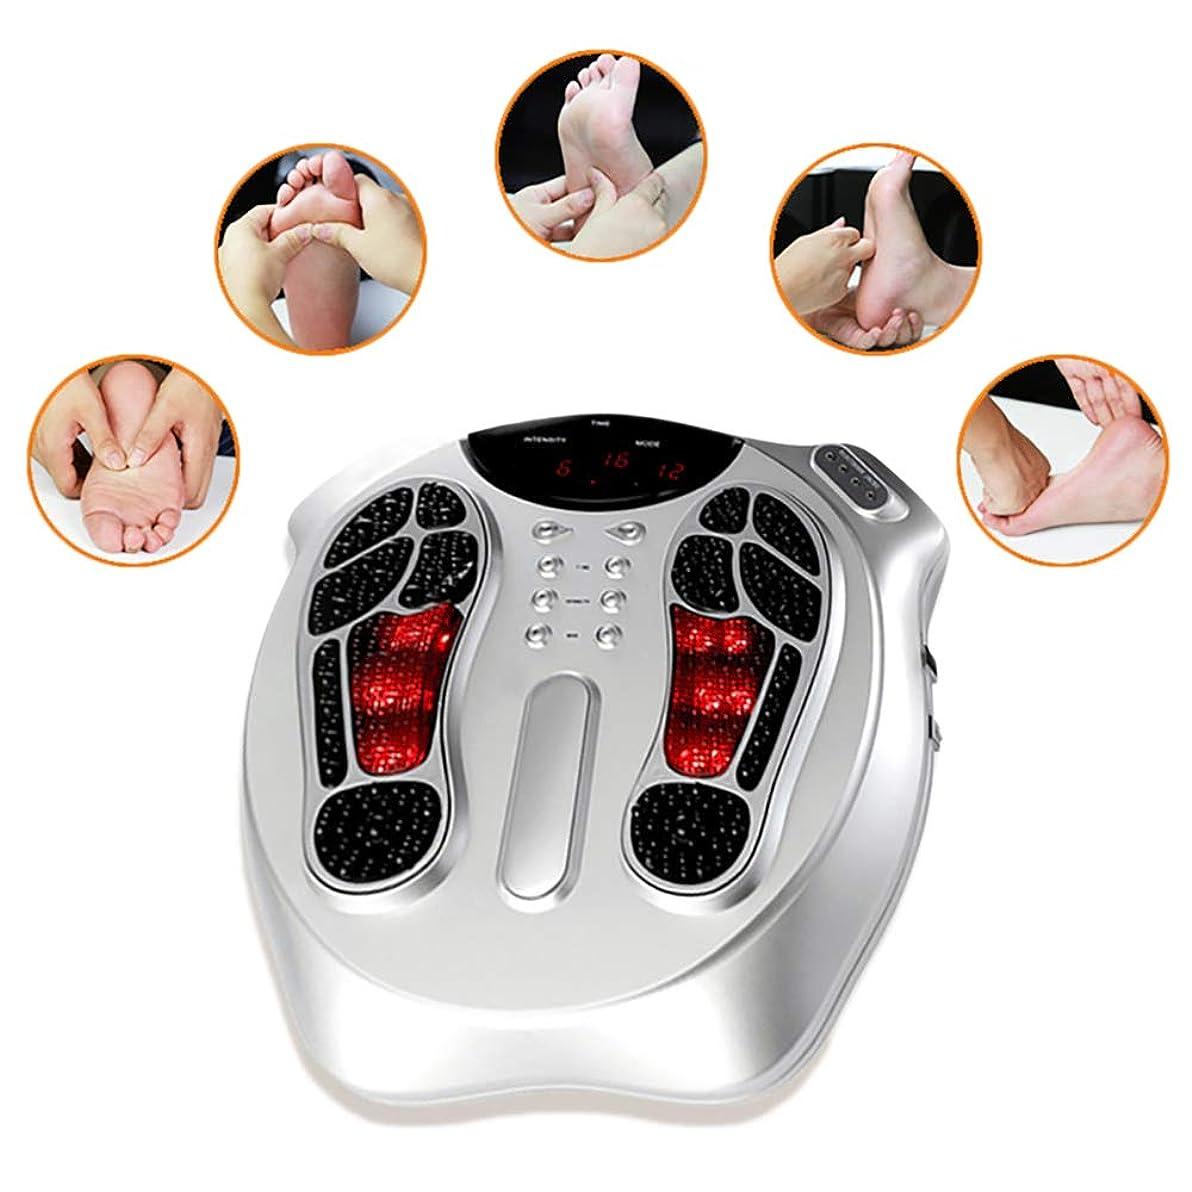 予測する無駄に音声学電磁波パルス循環フットマッサージャーフット循環装置+ 4パッド痛む足と脚を和らげ、脚の筋肉を強化